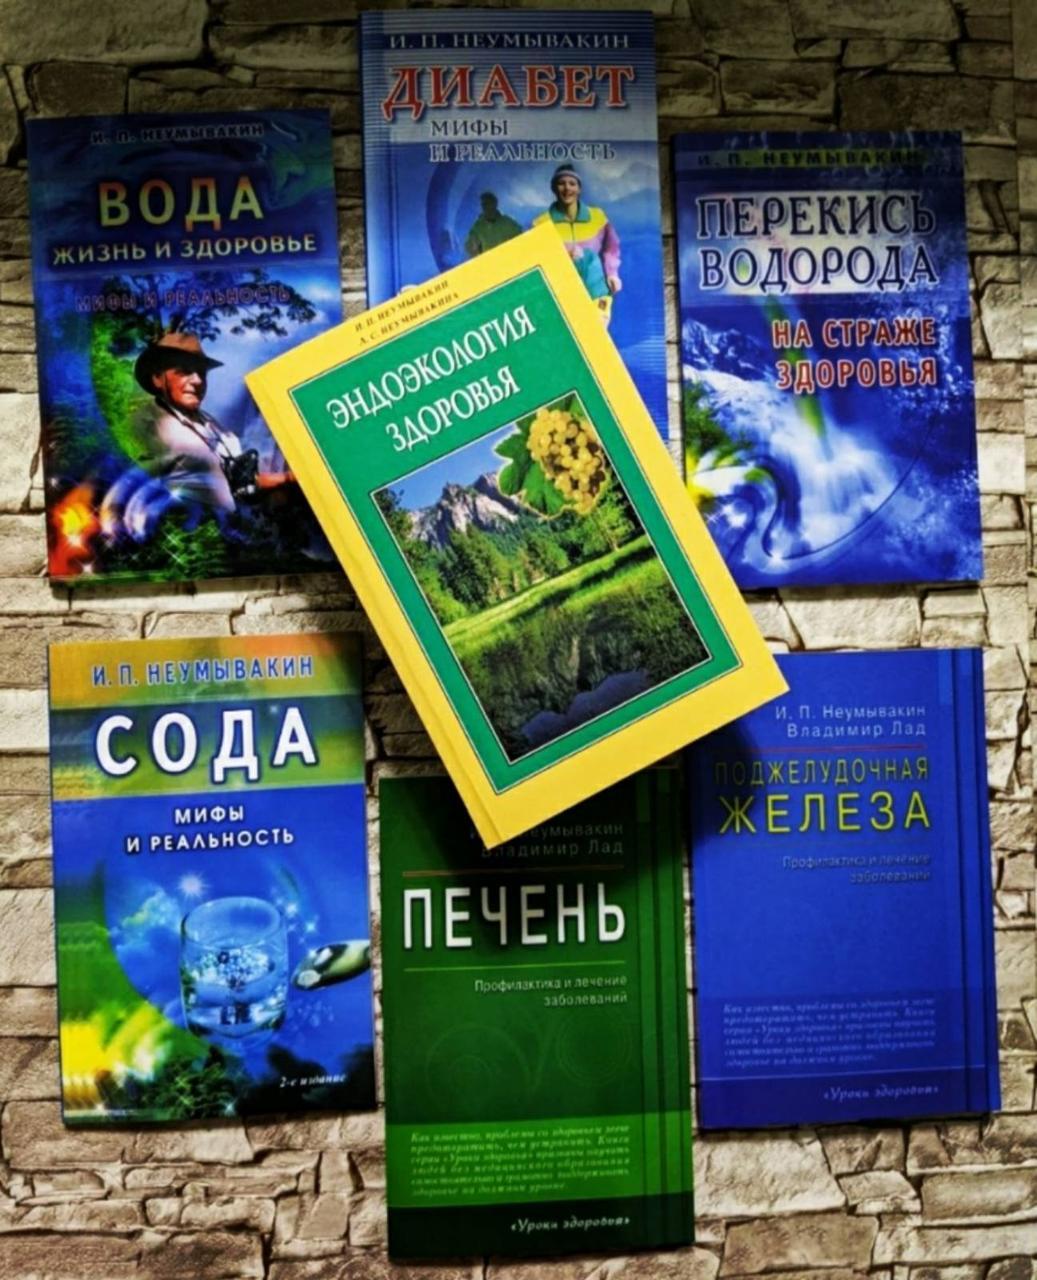 """Набір книг """"Діабет"""", """"Вода"""", """"Печінка"""", """"Эндоэкология здоров'я та ін. Неумивакин"""